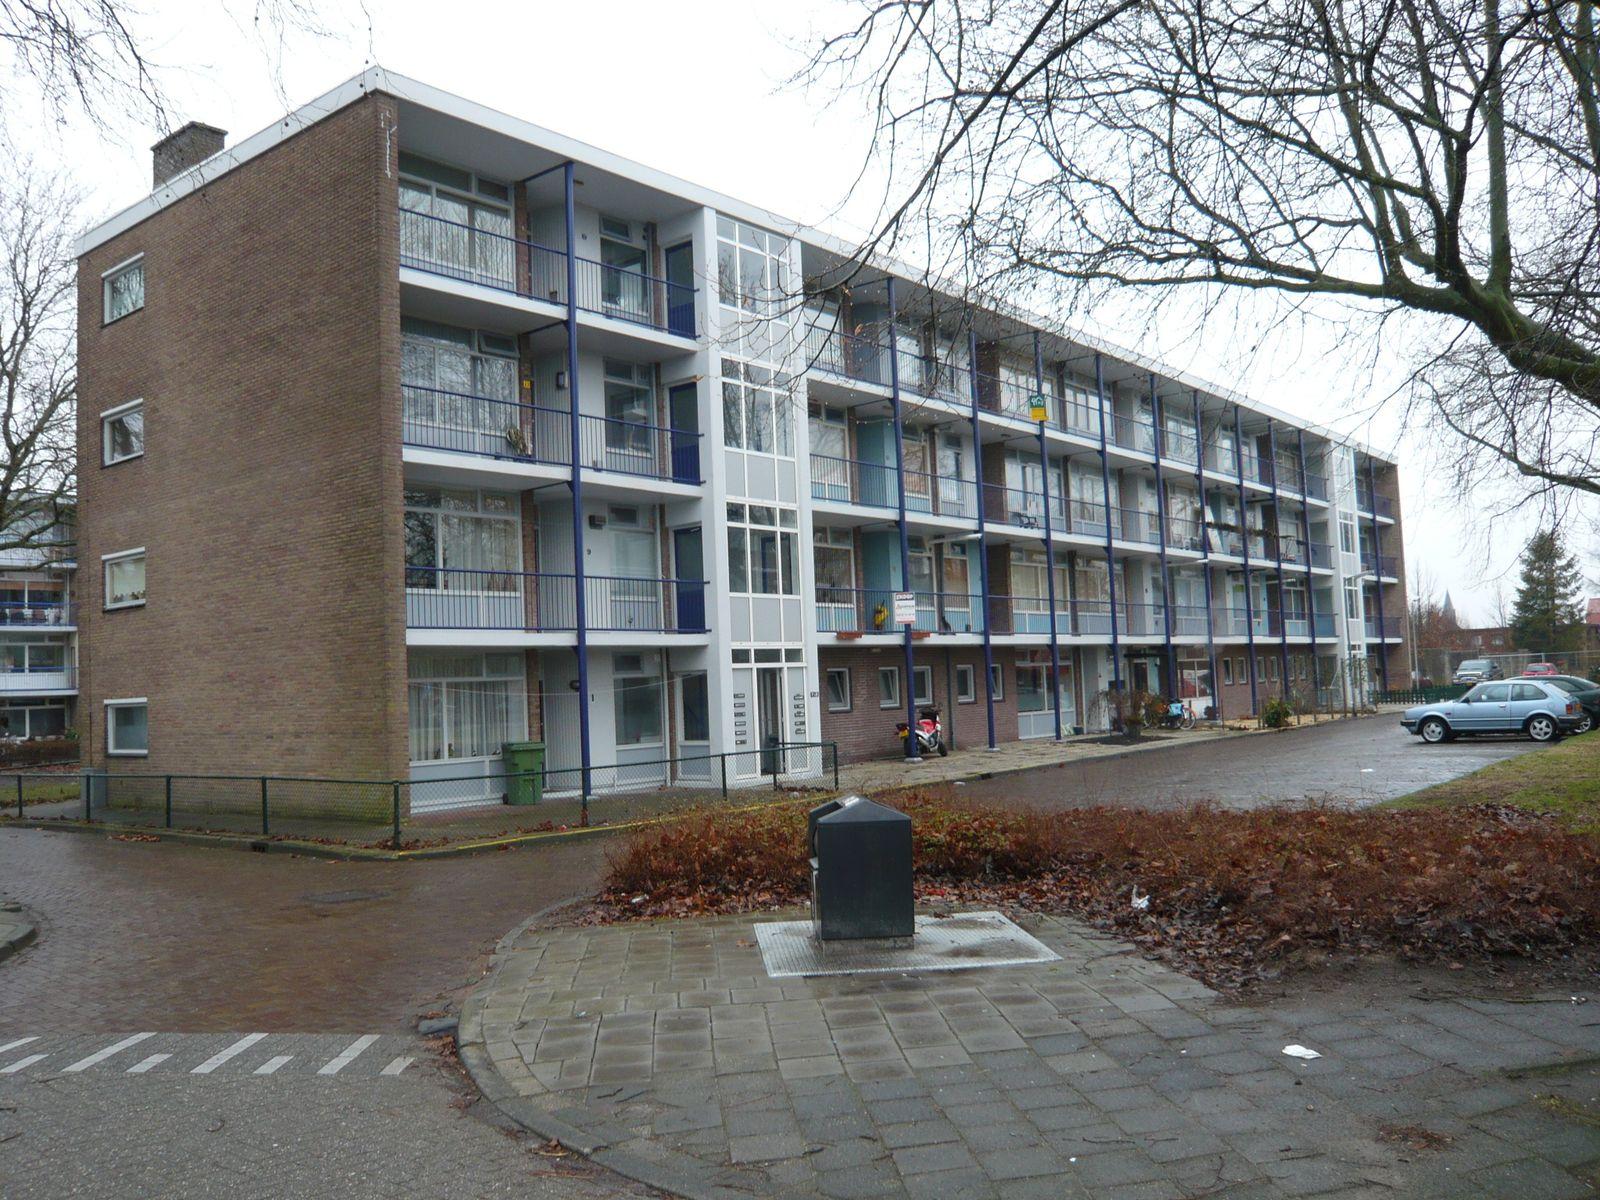 Calkoenstraat 41, Hoogeveen